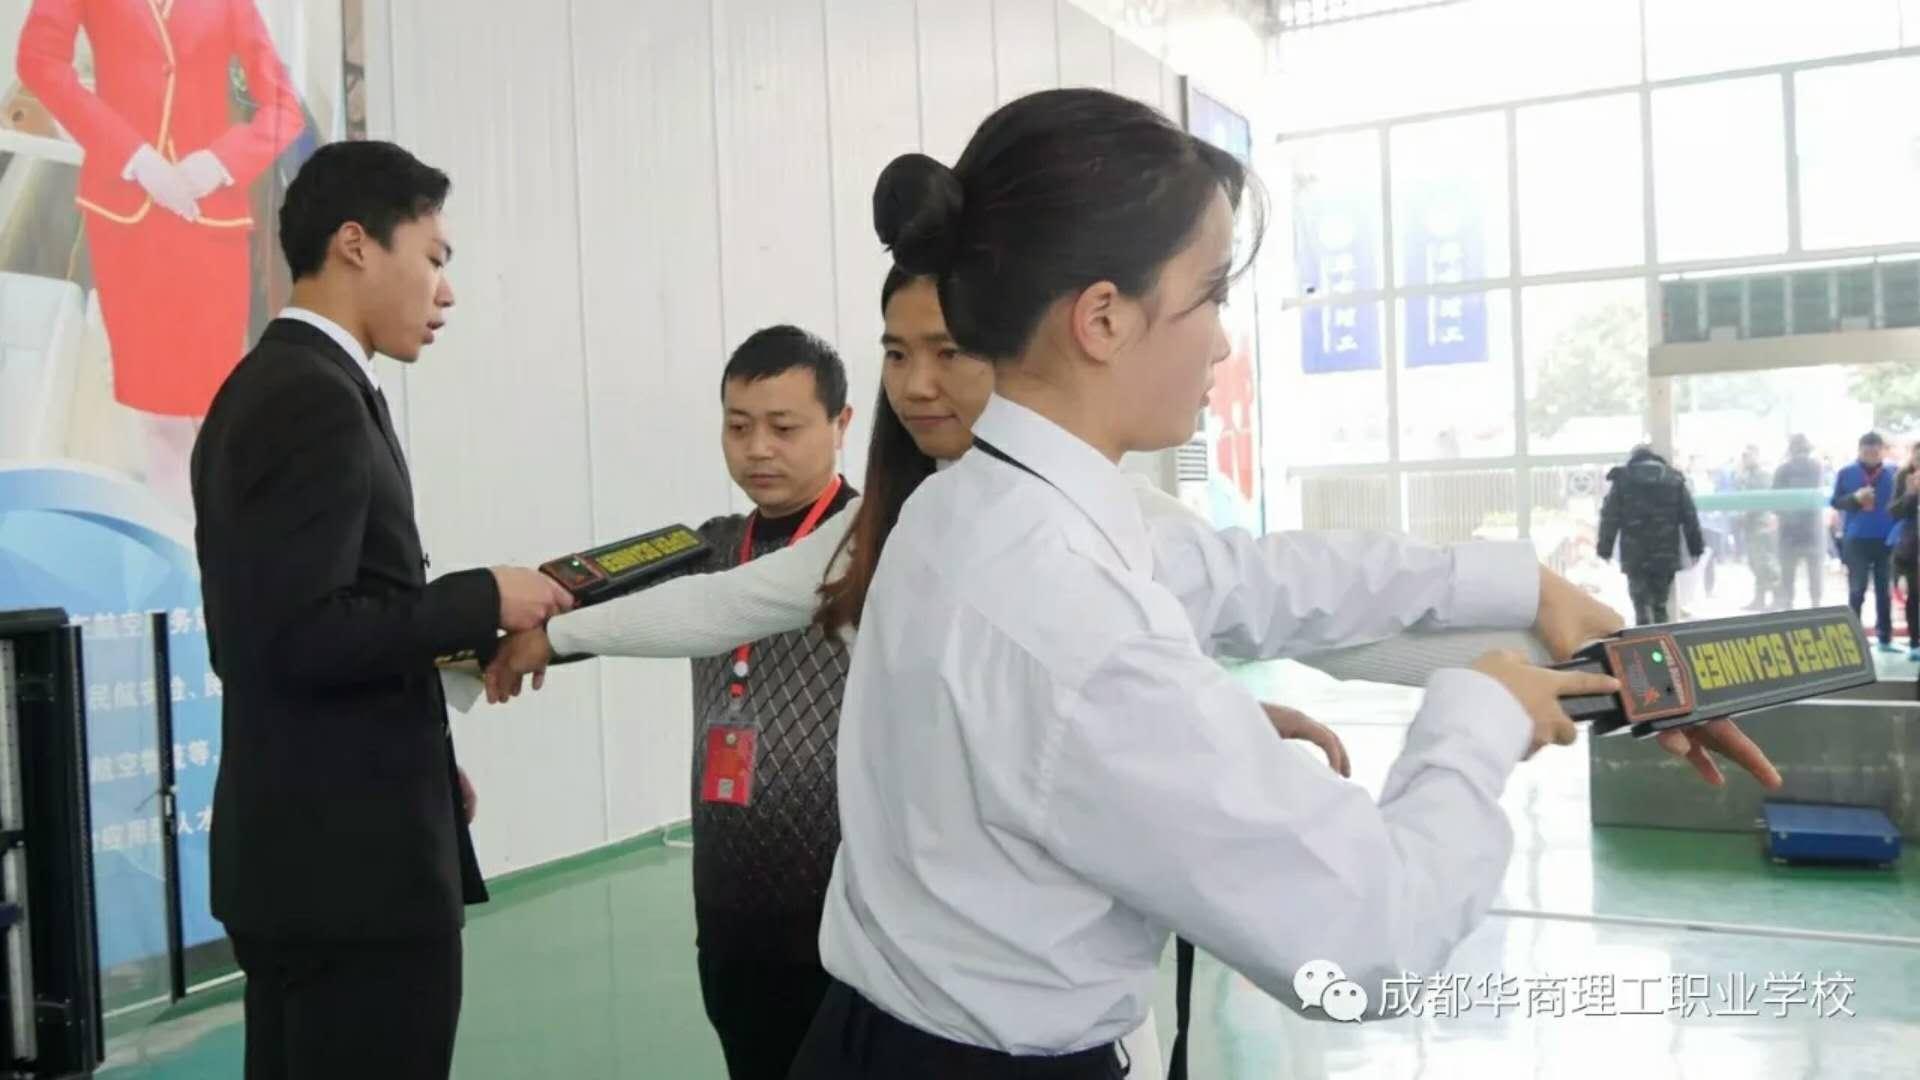 校园学子体验工作迎来人生第一职业